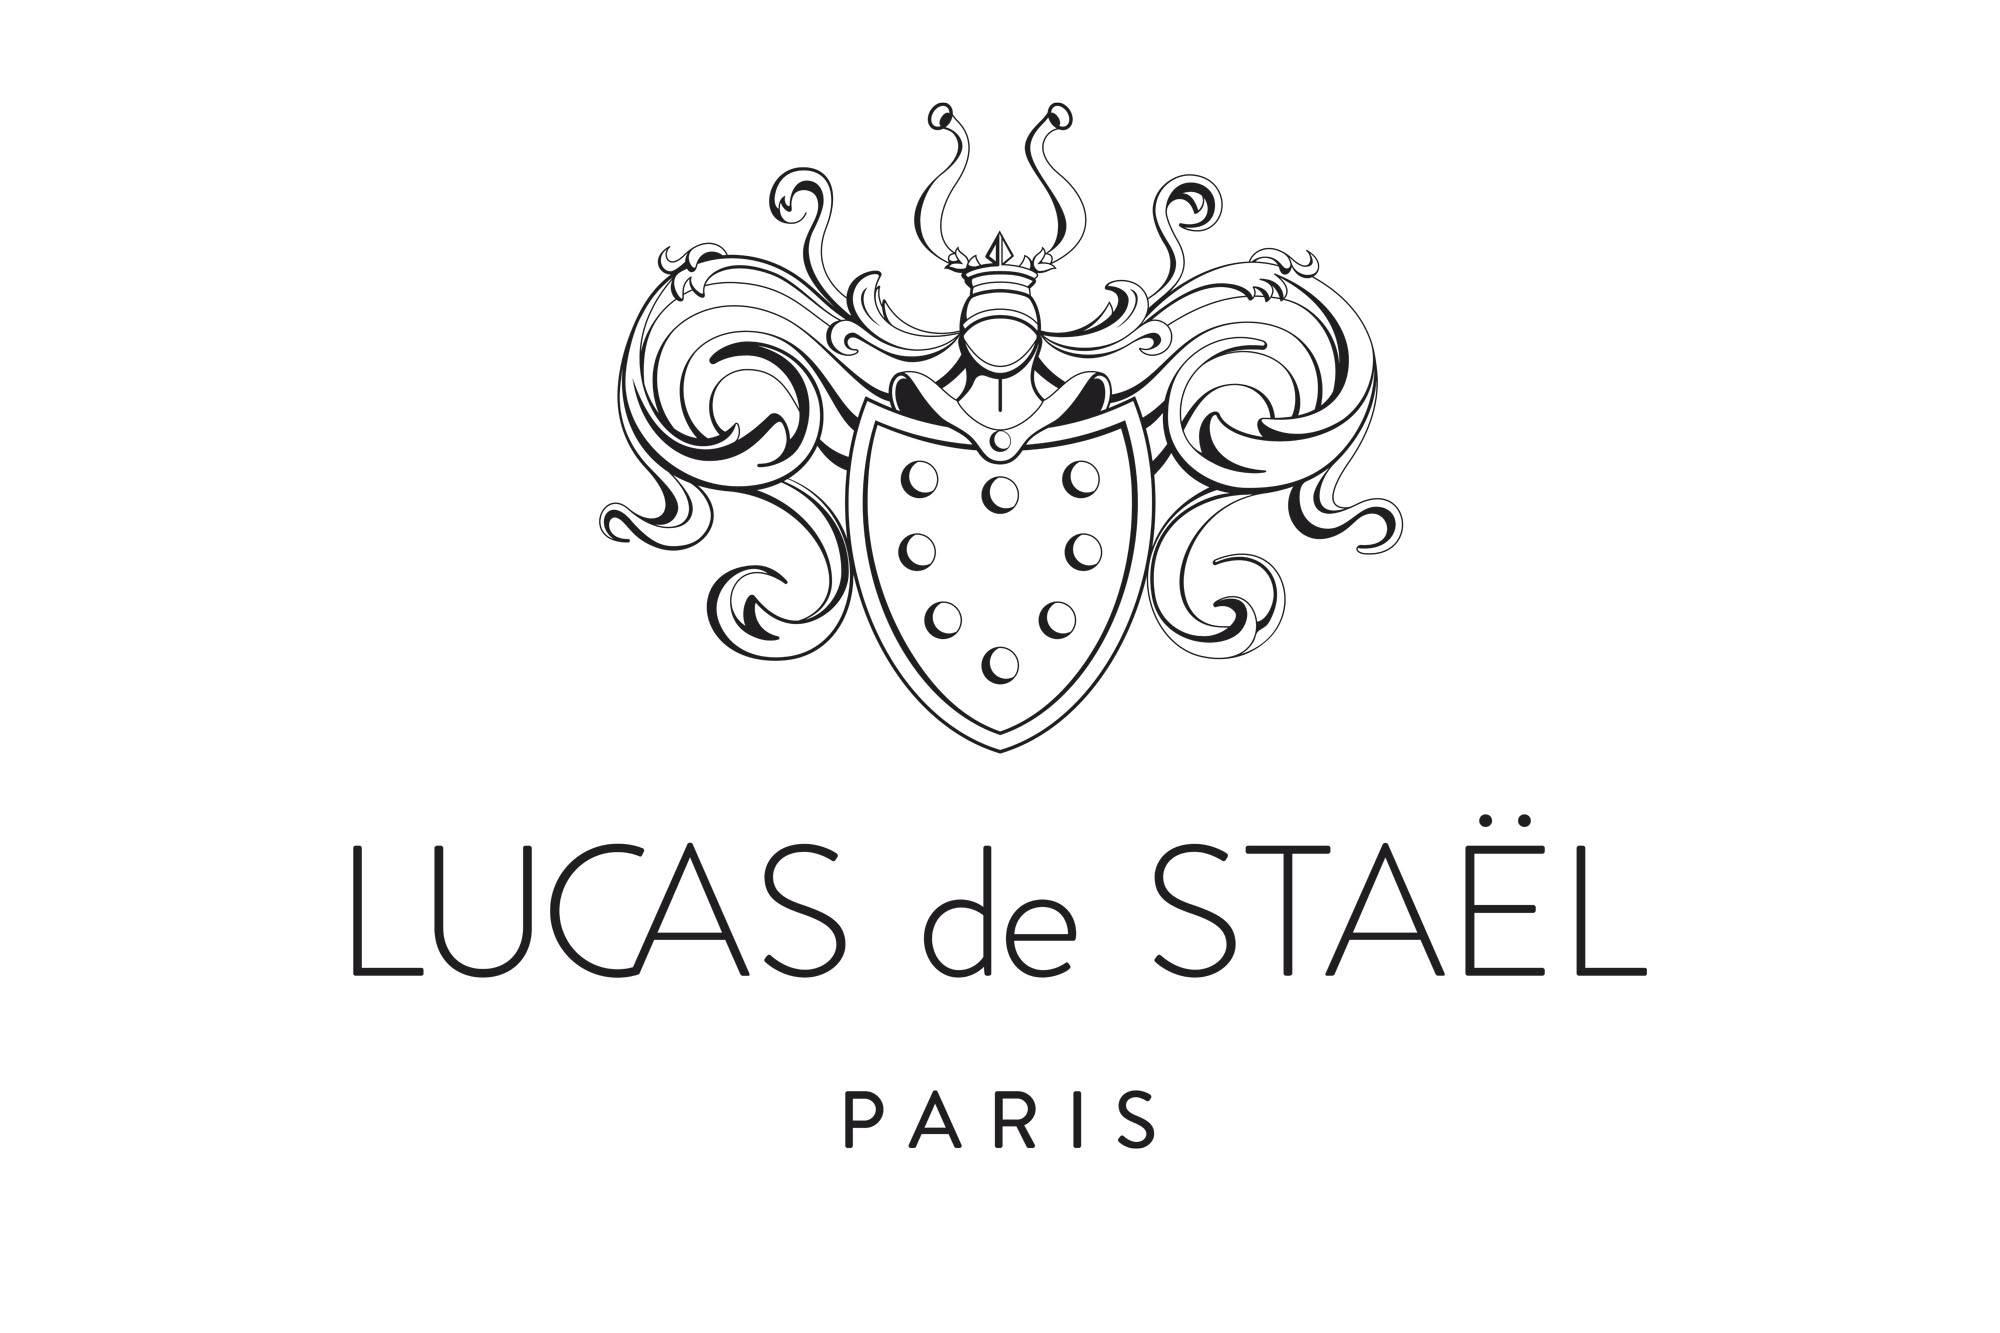 Lucas de Staël, Paris